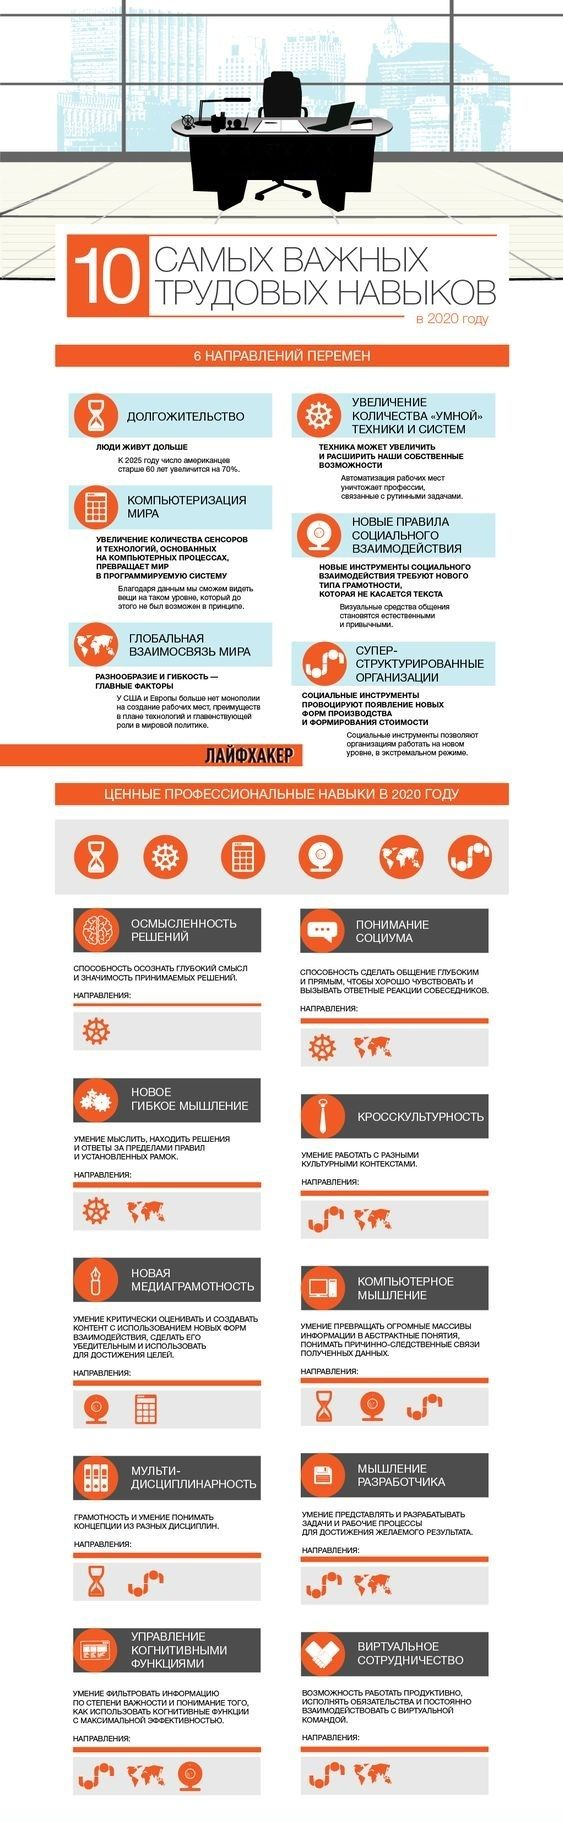 10 самых важный трудовых навыков к 2020 году инфографика, 2020, трудовые навыки, трудовик, работа, длиннопост